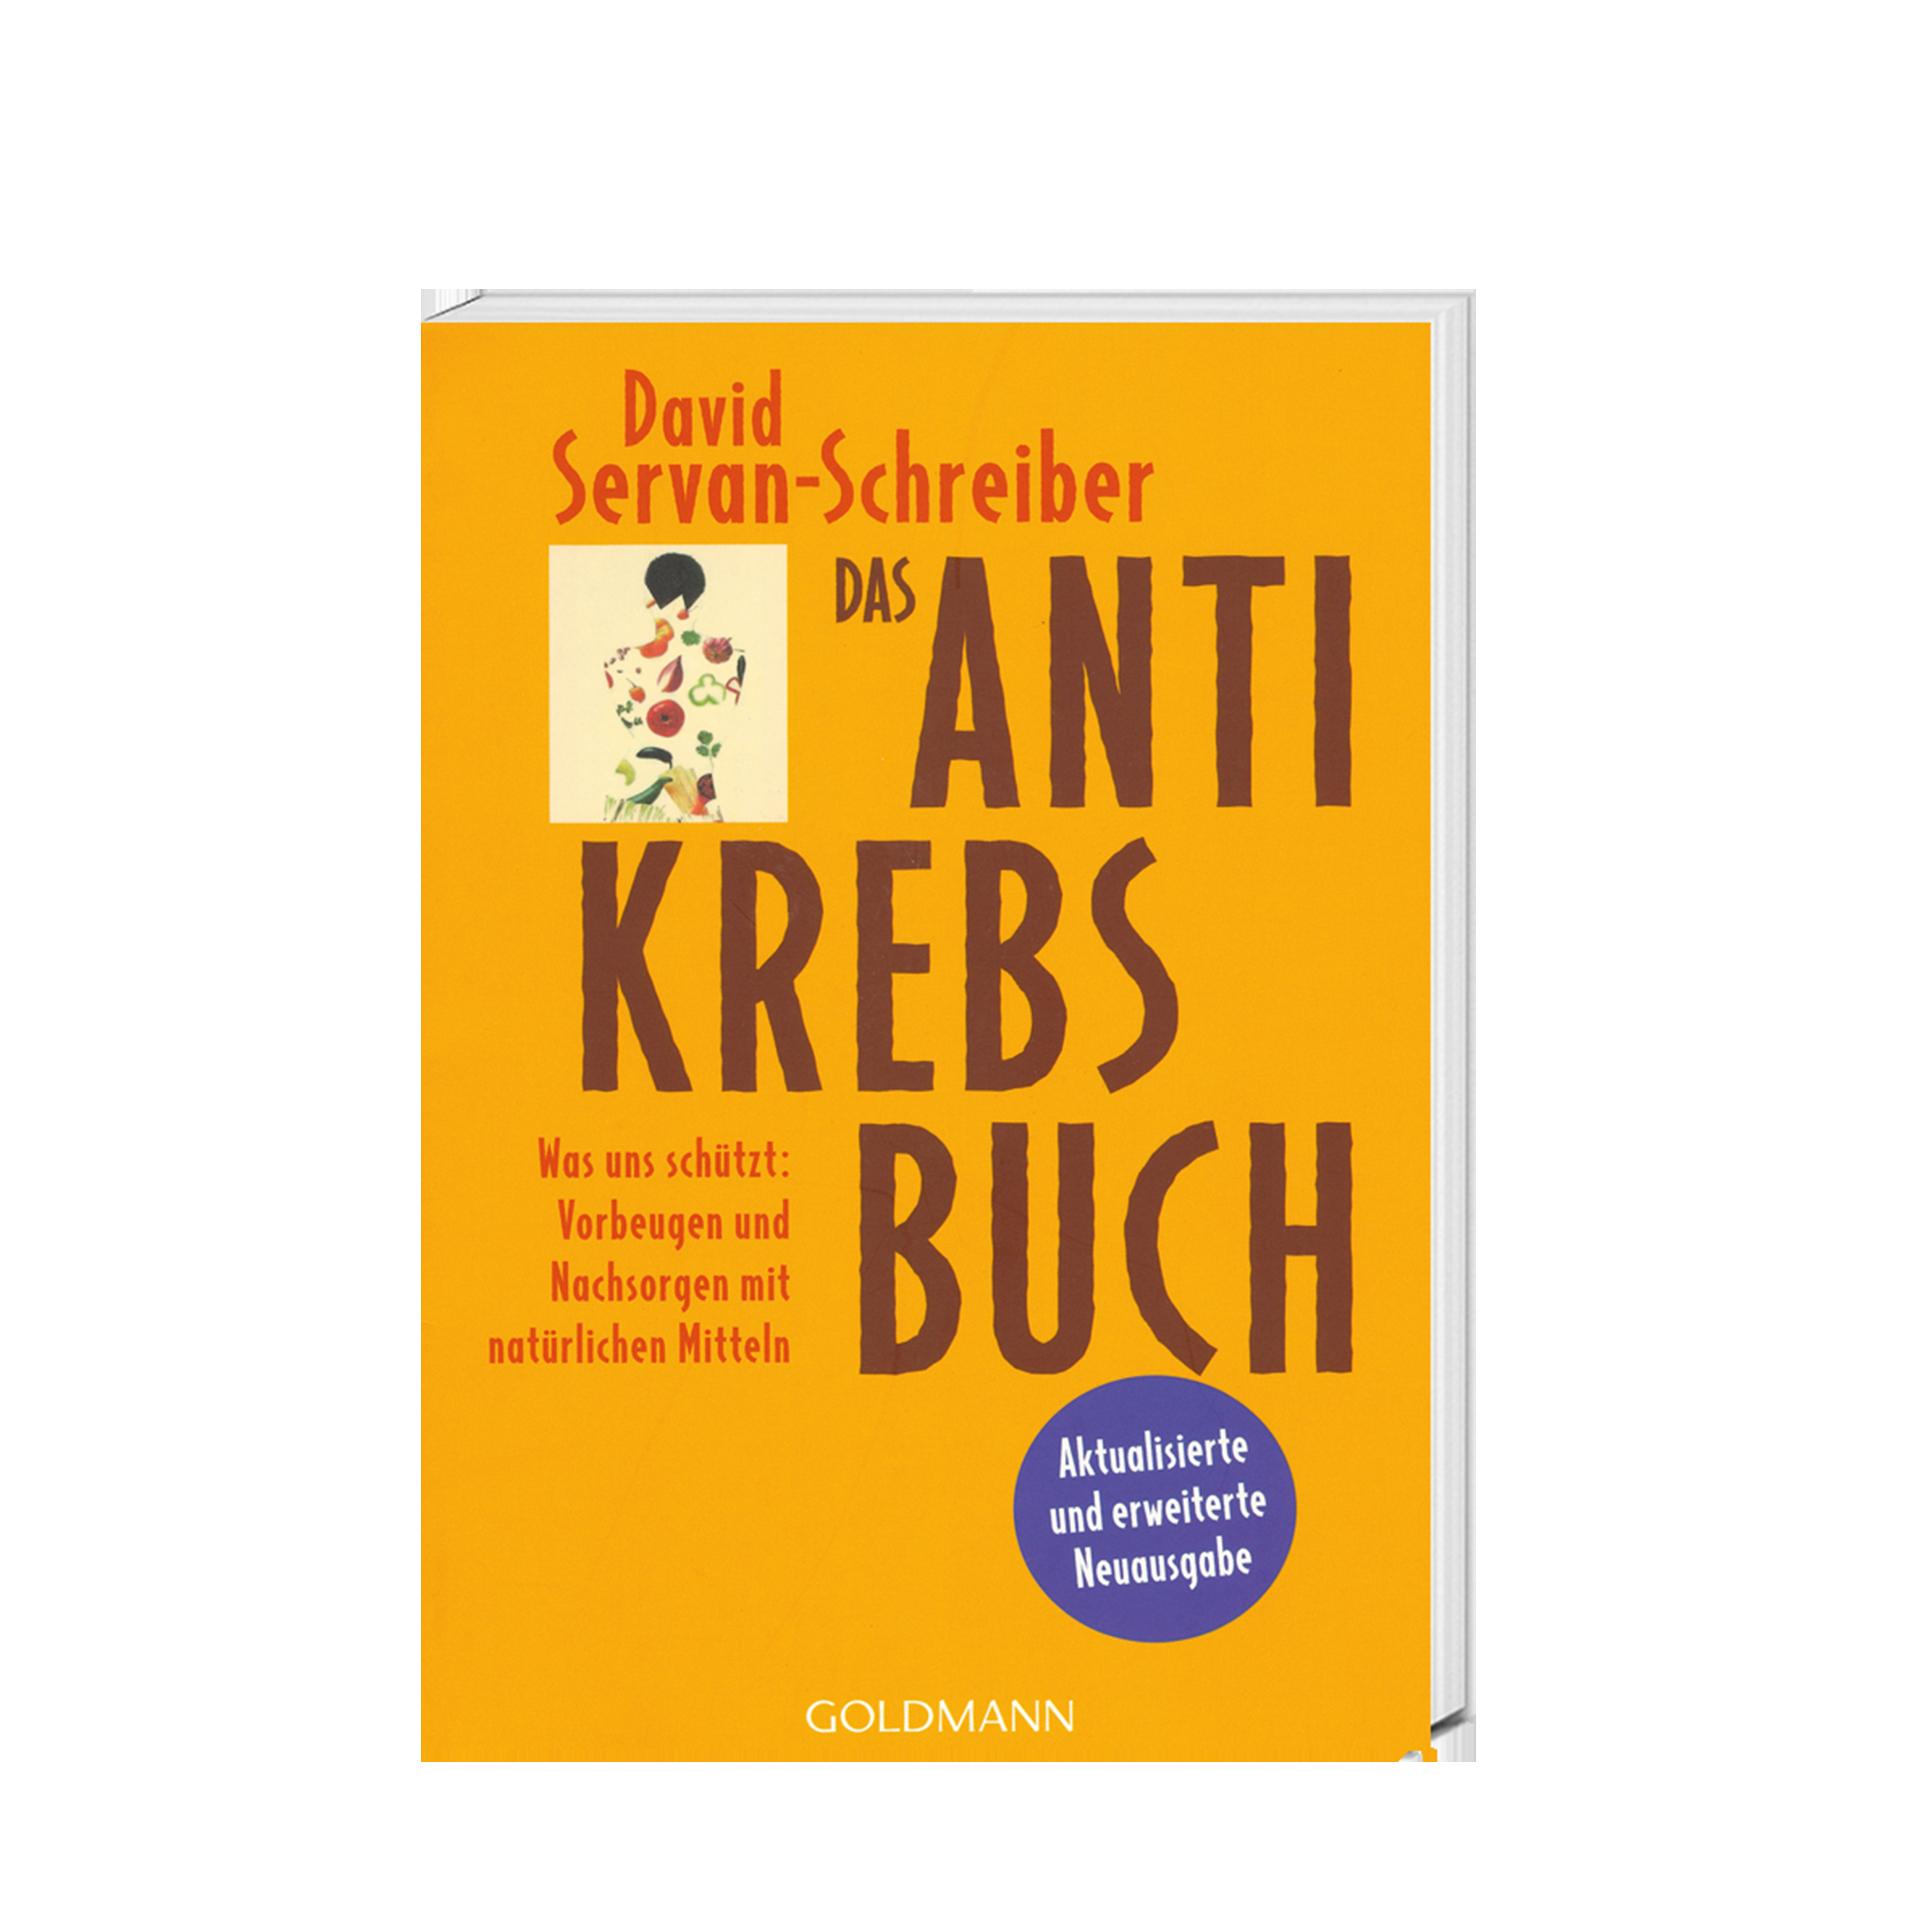 Das Anti Krebs Buch, 400 Seiten